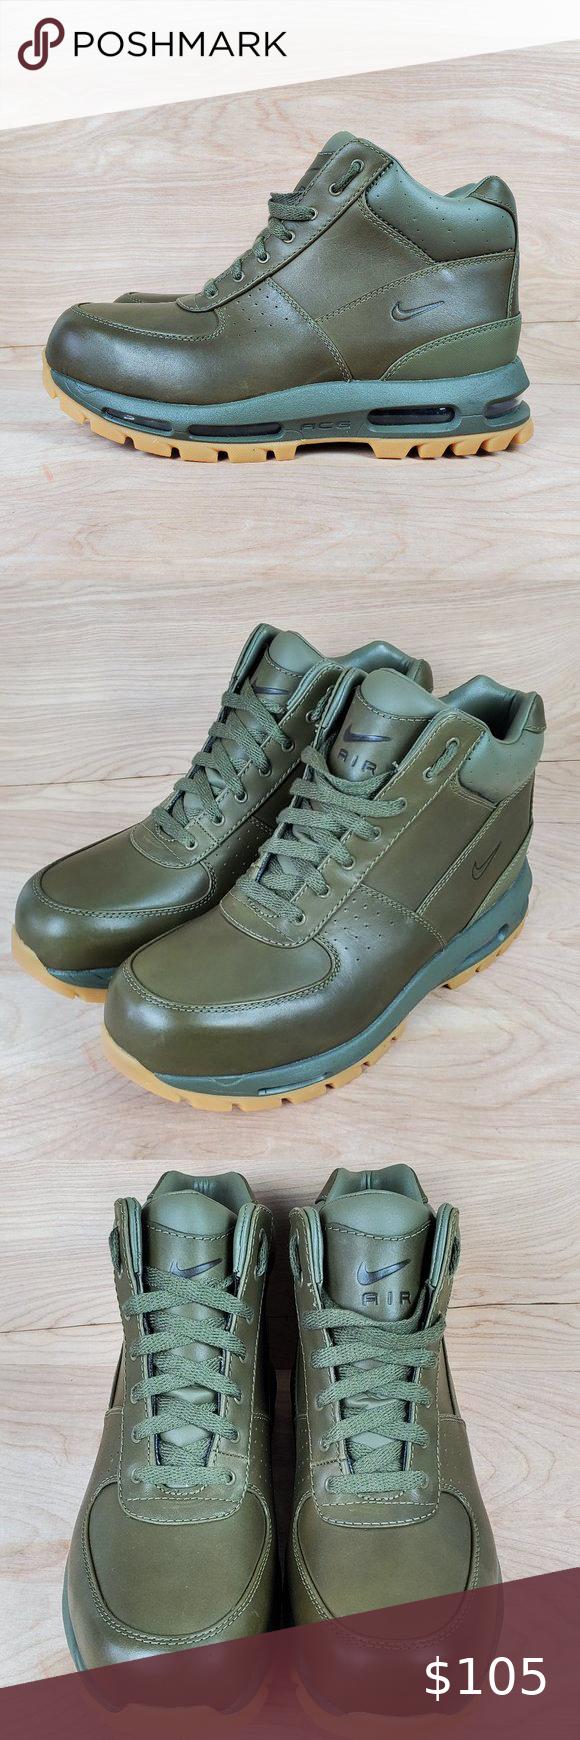 Nike Air Max Goadome ACG Boots Sz 10.5